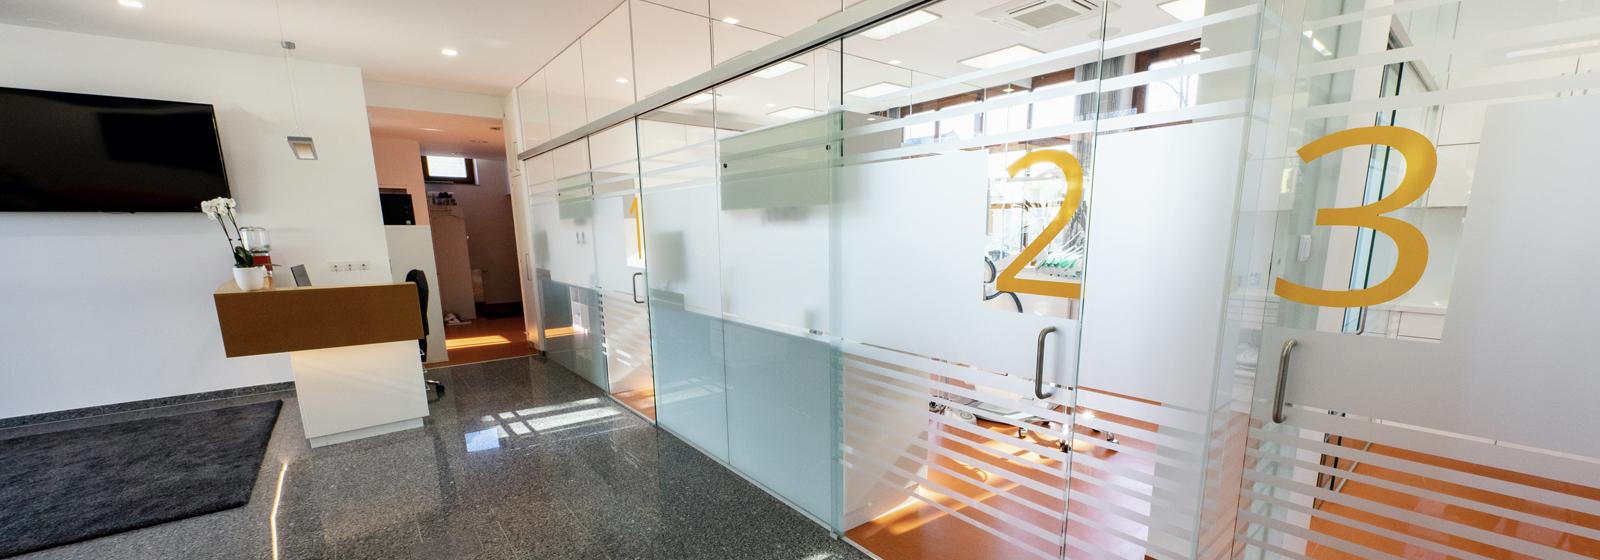 Zahnarzt 2454 Trautmannsdorf, Dr. Michael Ranak